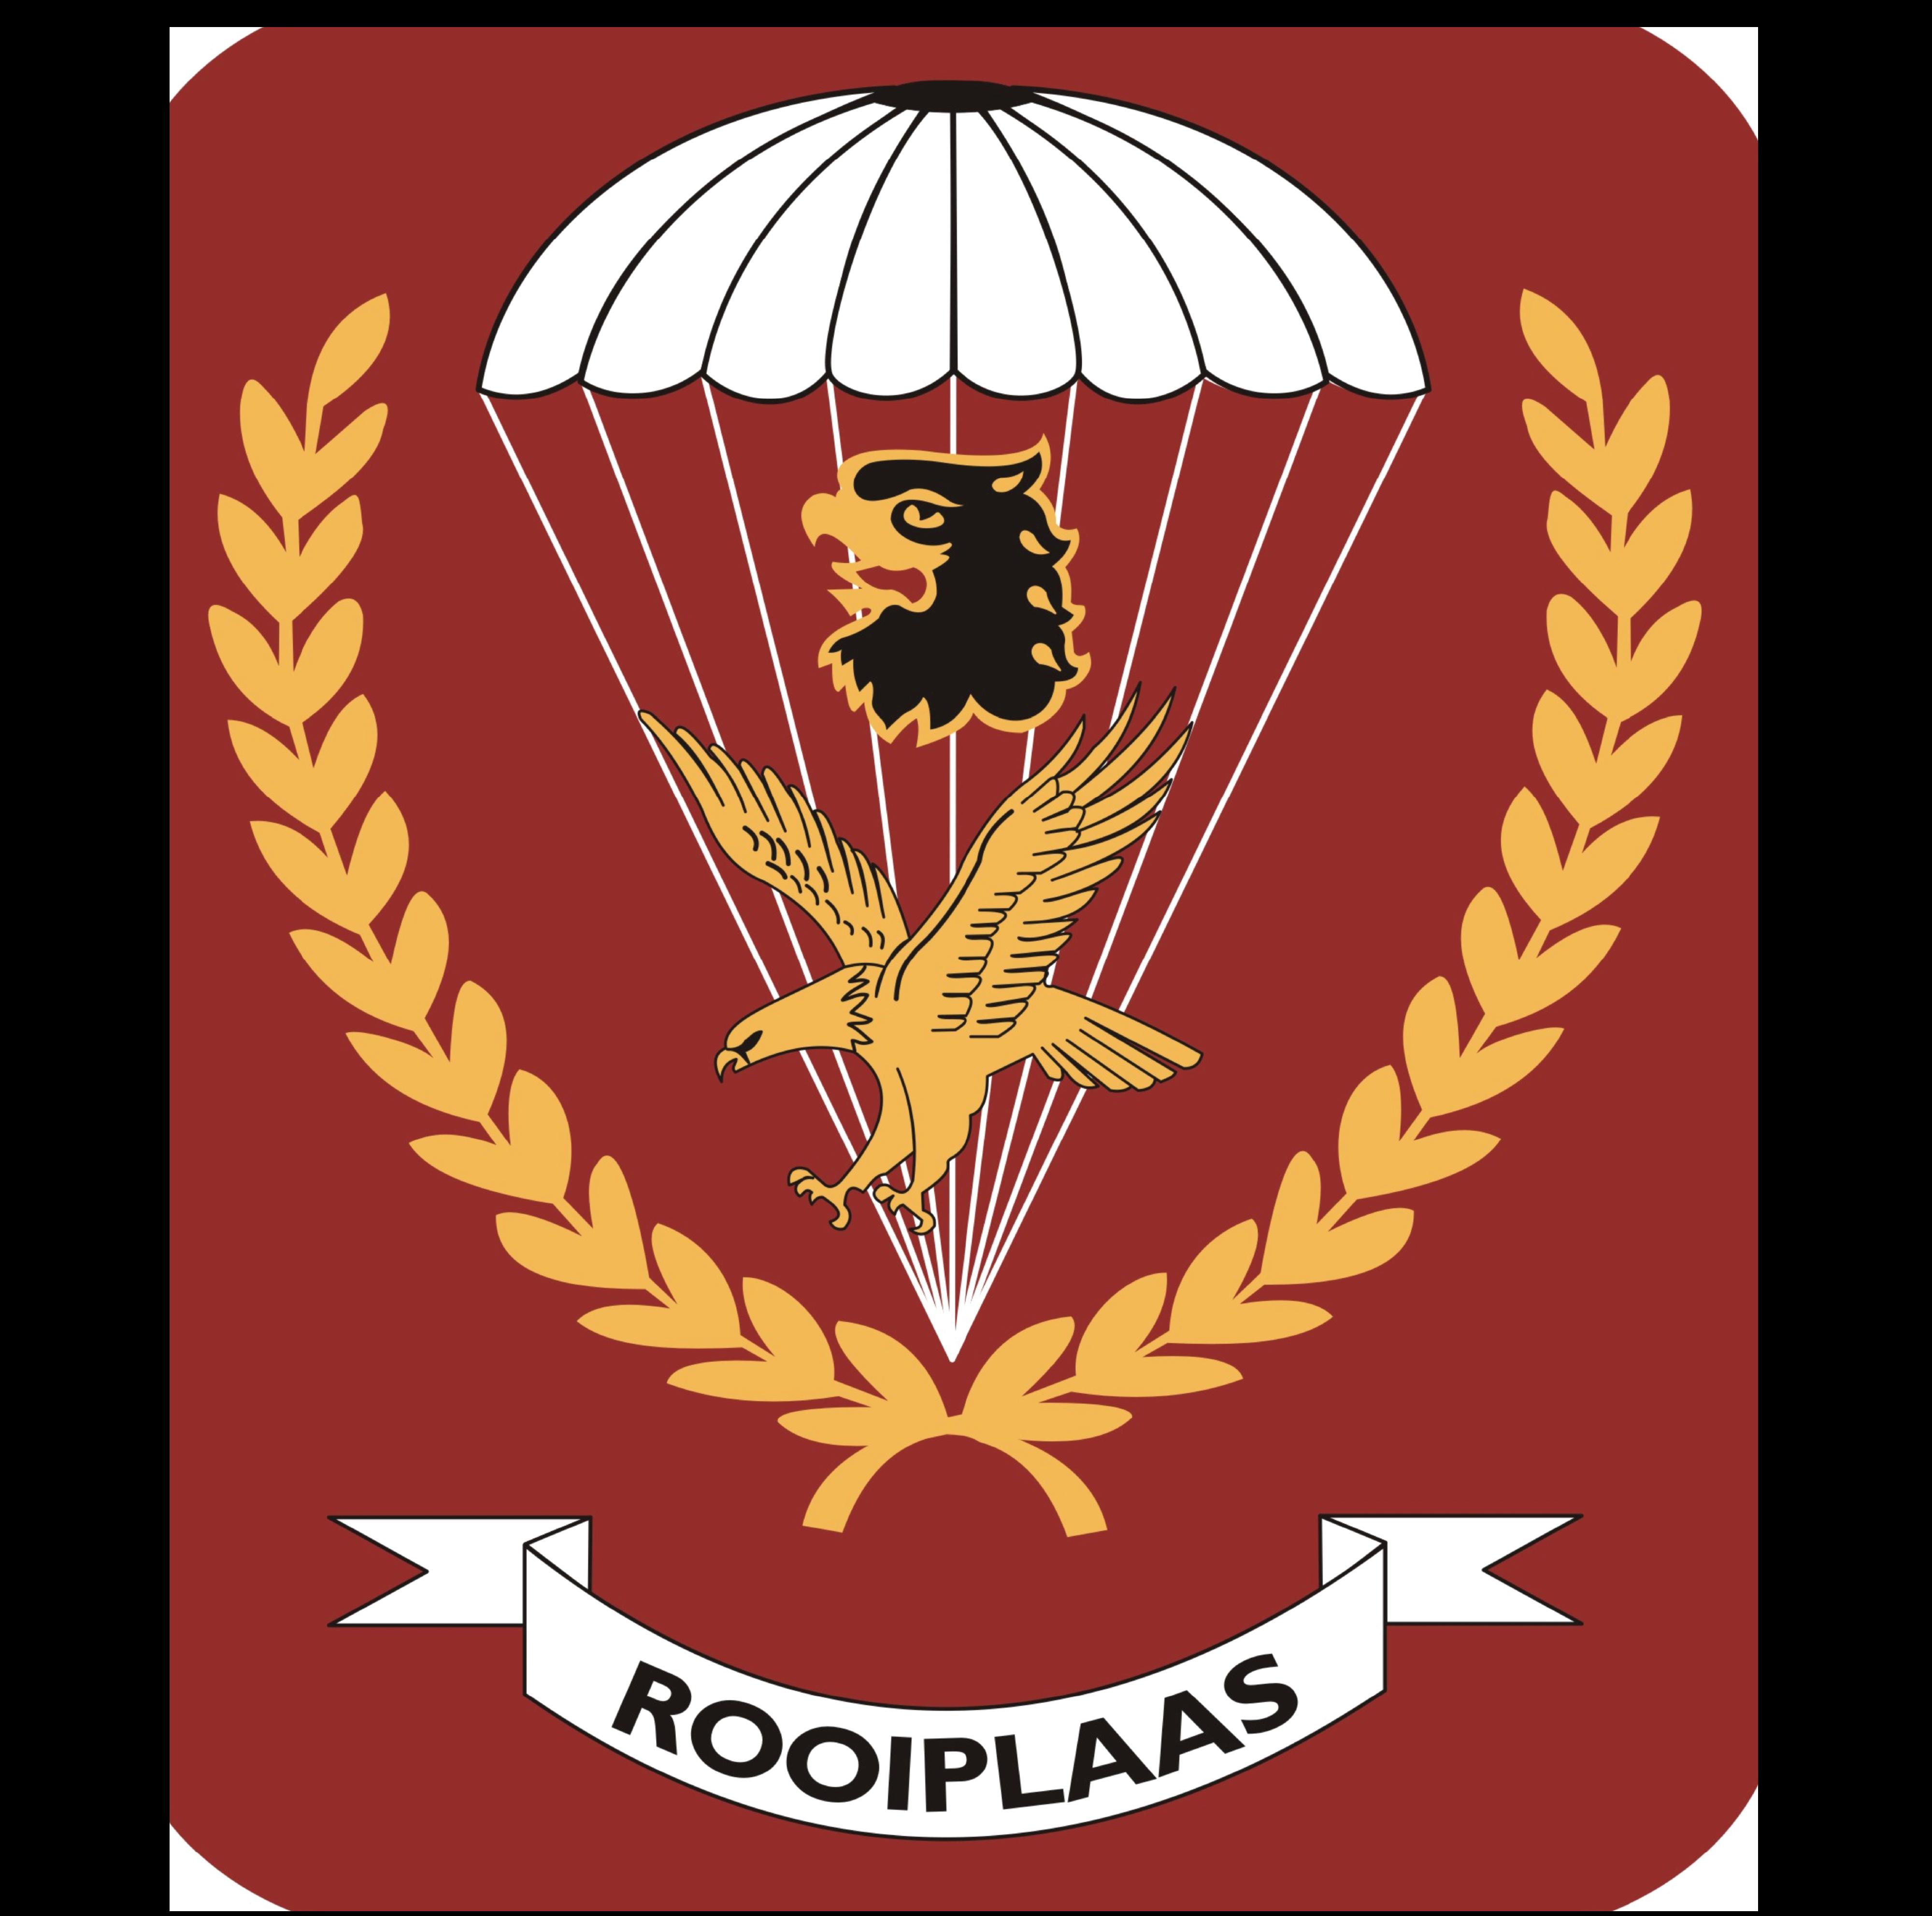 Rooiplaas Membership Application Form